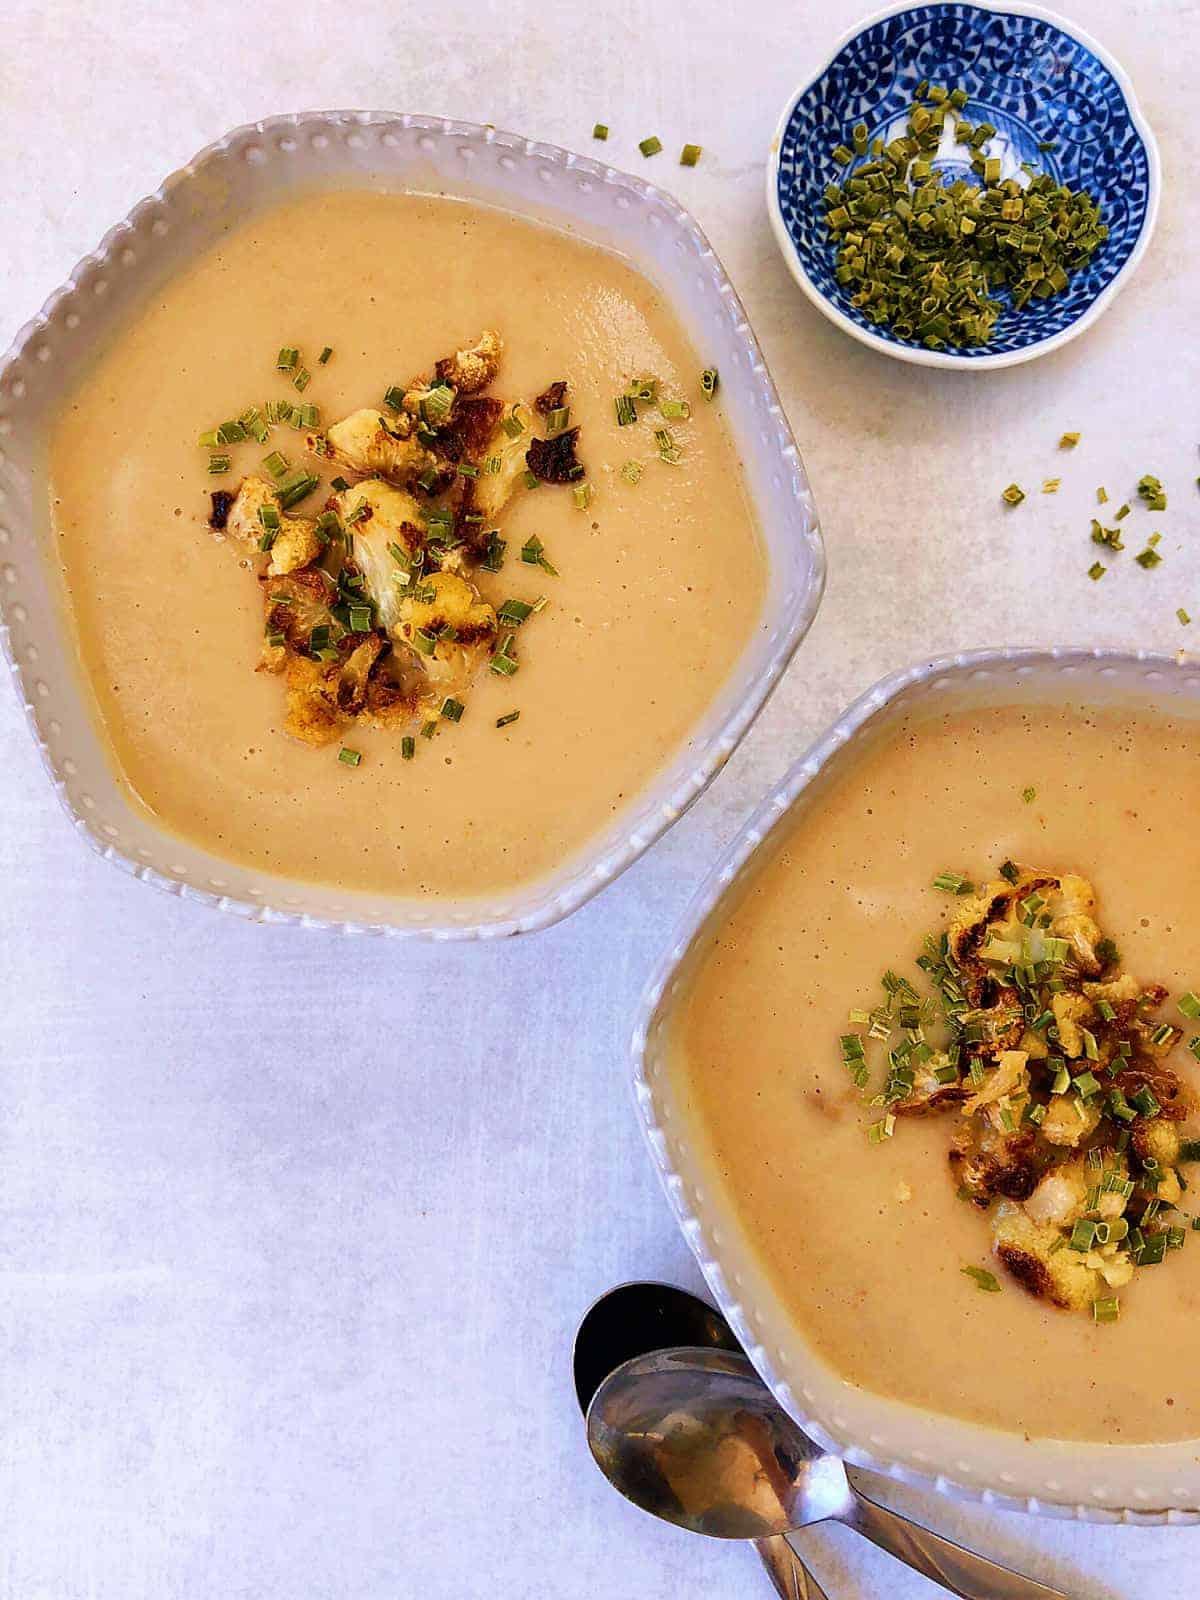 炙烤白花椰菜濃湯 -濃郁creamy-無澱粉無奶無蛋素食-去除菜味有秘訣